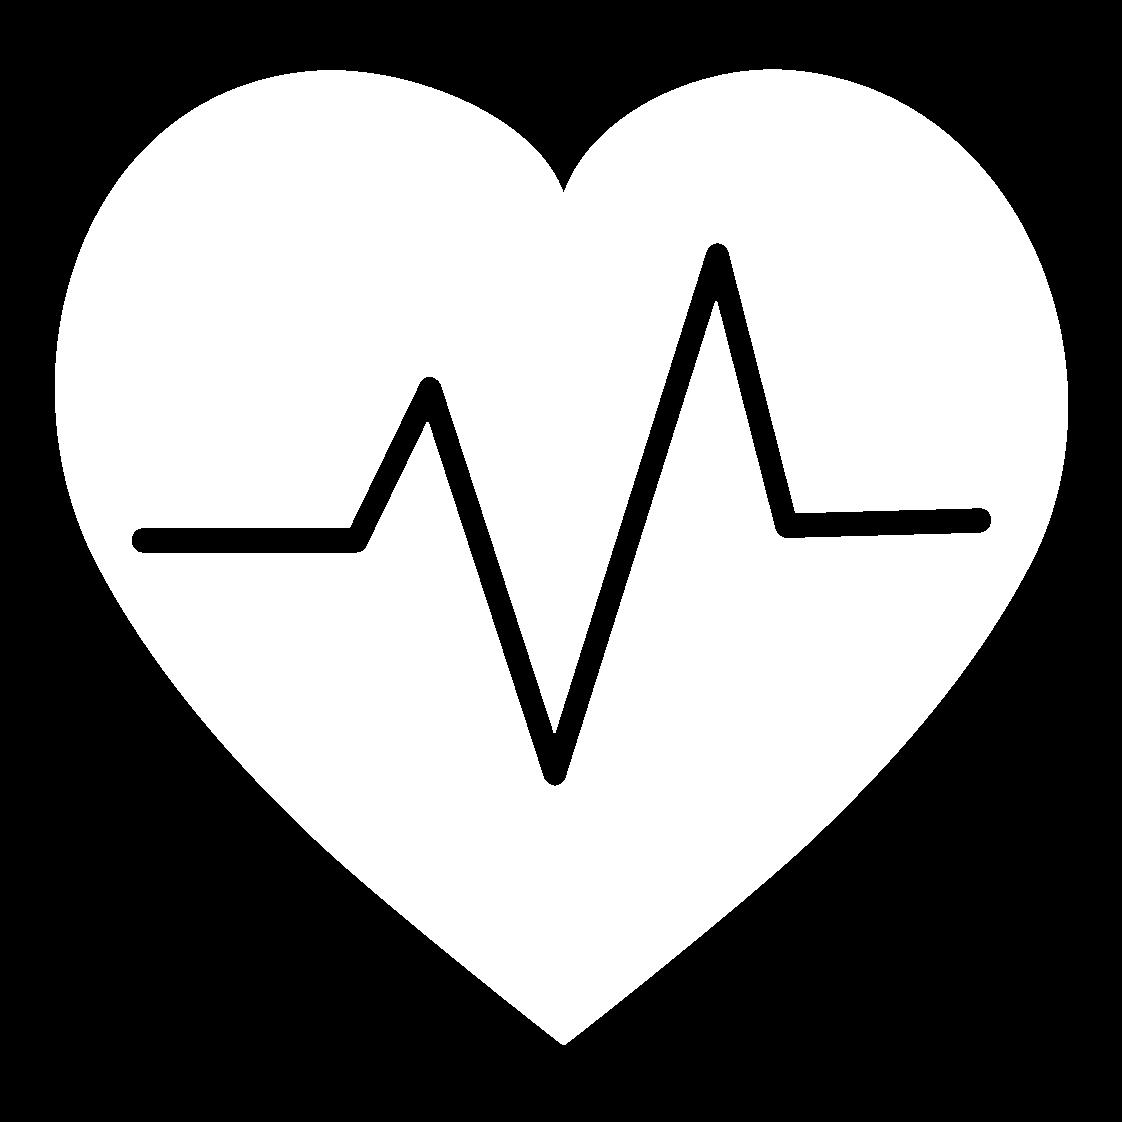 The logo of Massive Healthcare Organization